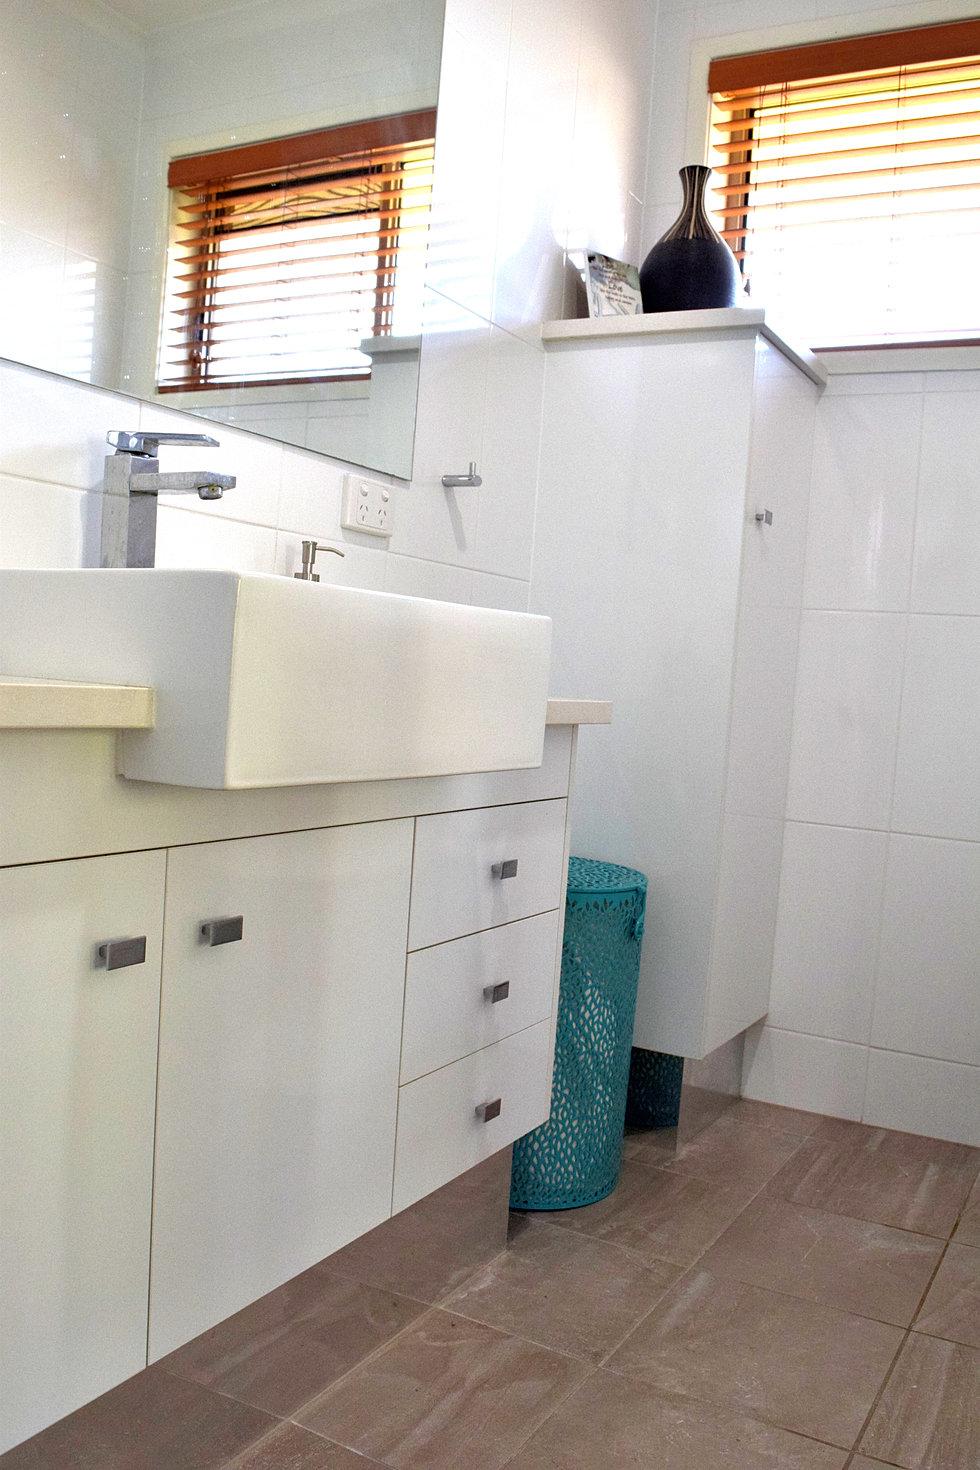 Modern bathroom vanities modern bathrooms jpg - Instyle Custom Kitchens Quality Kitchens Vanities And